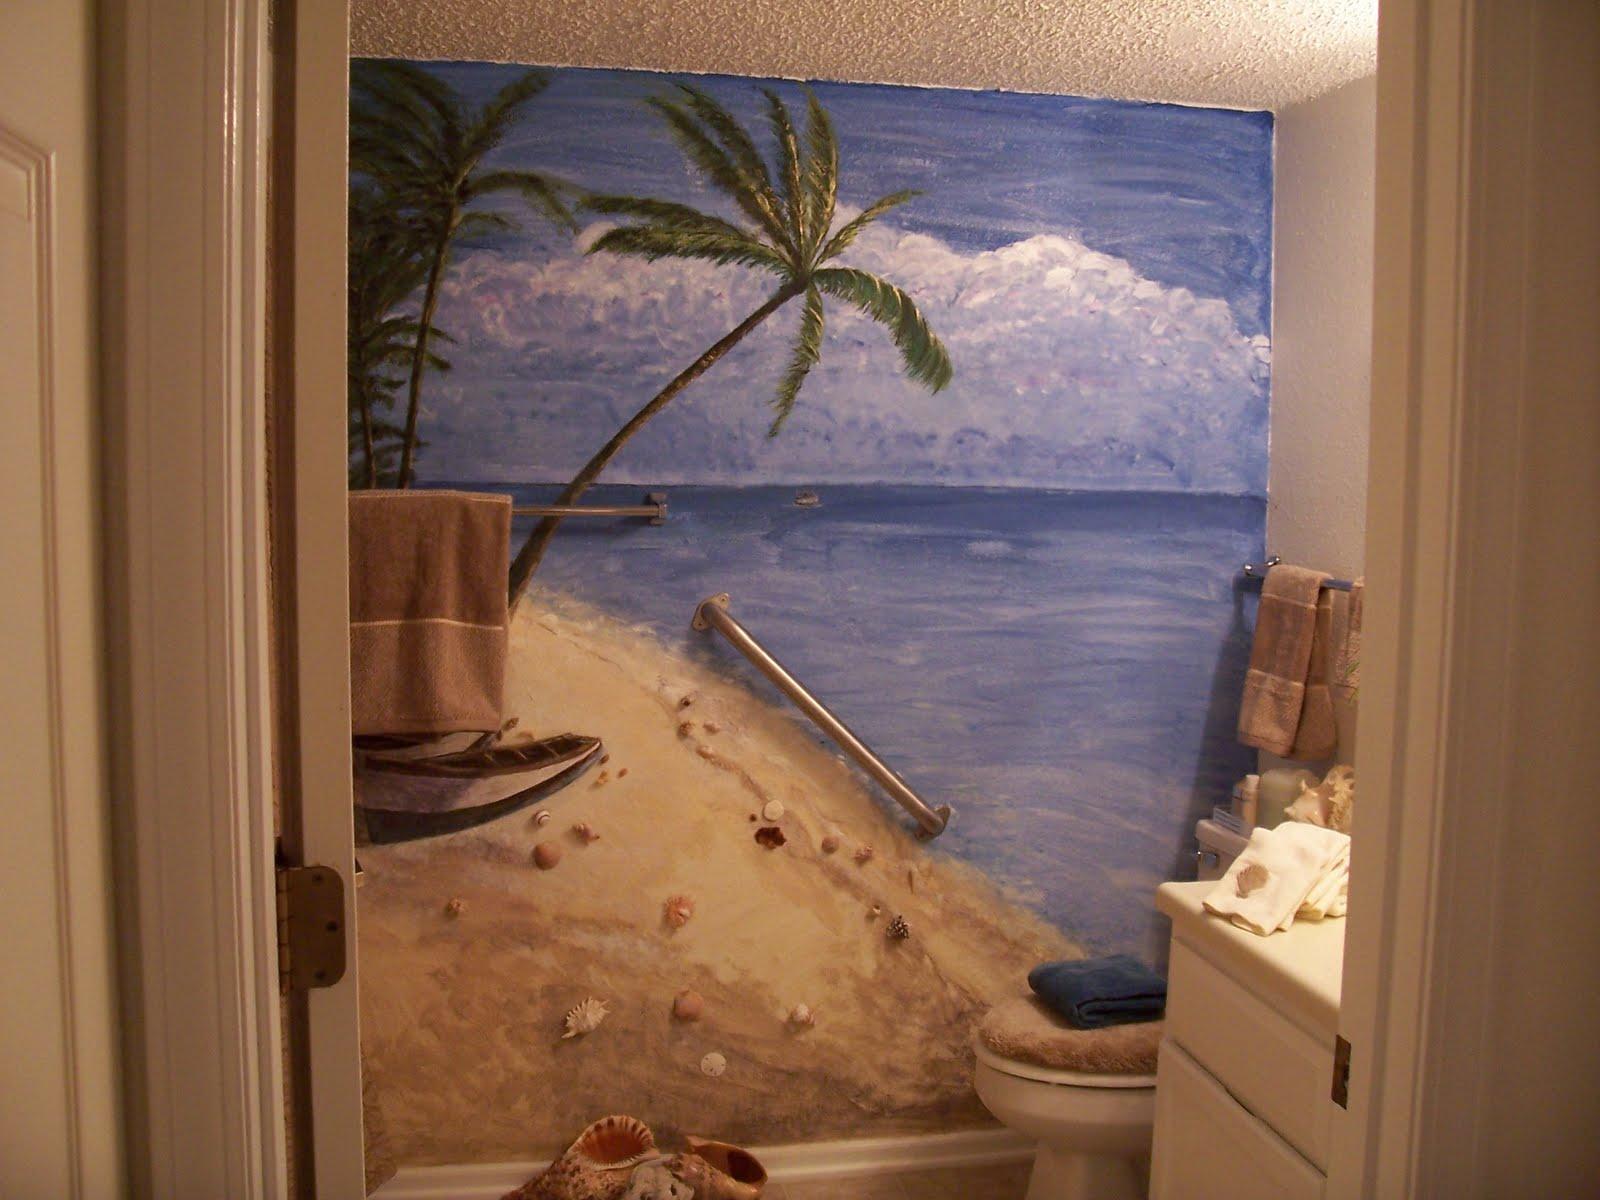 Beach theme decor for your bathroom DECOR Pinterest 1600x1200